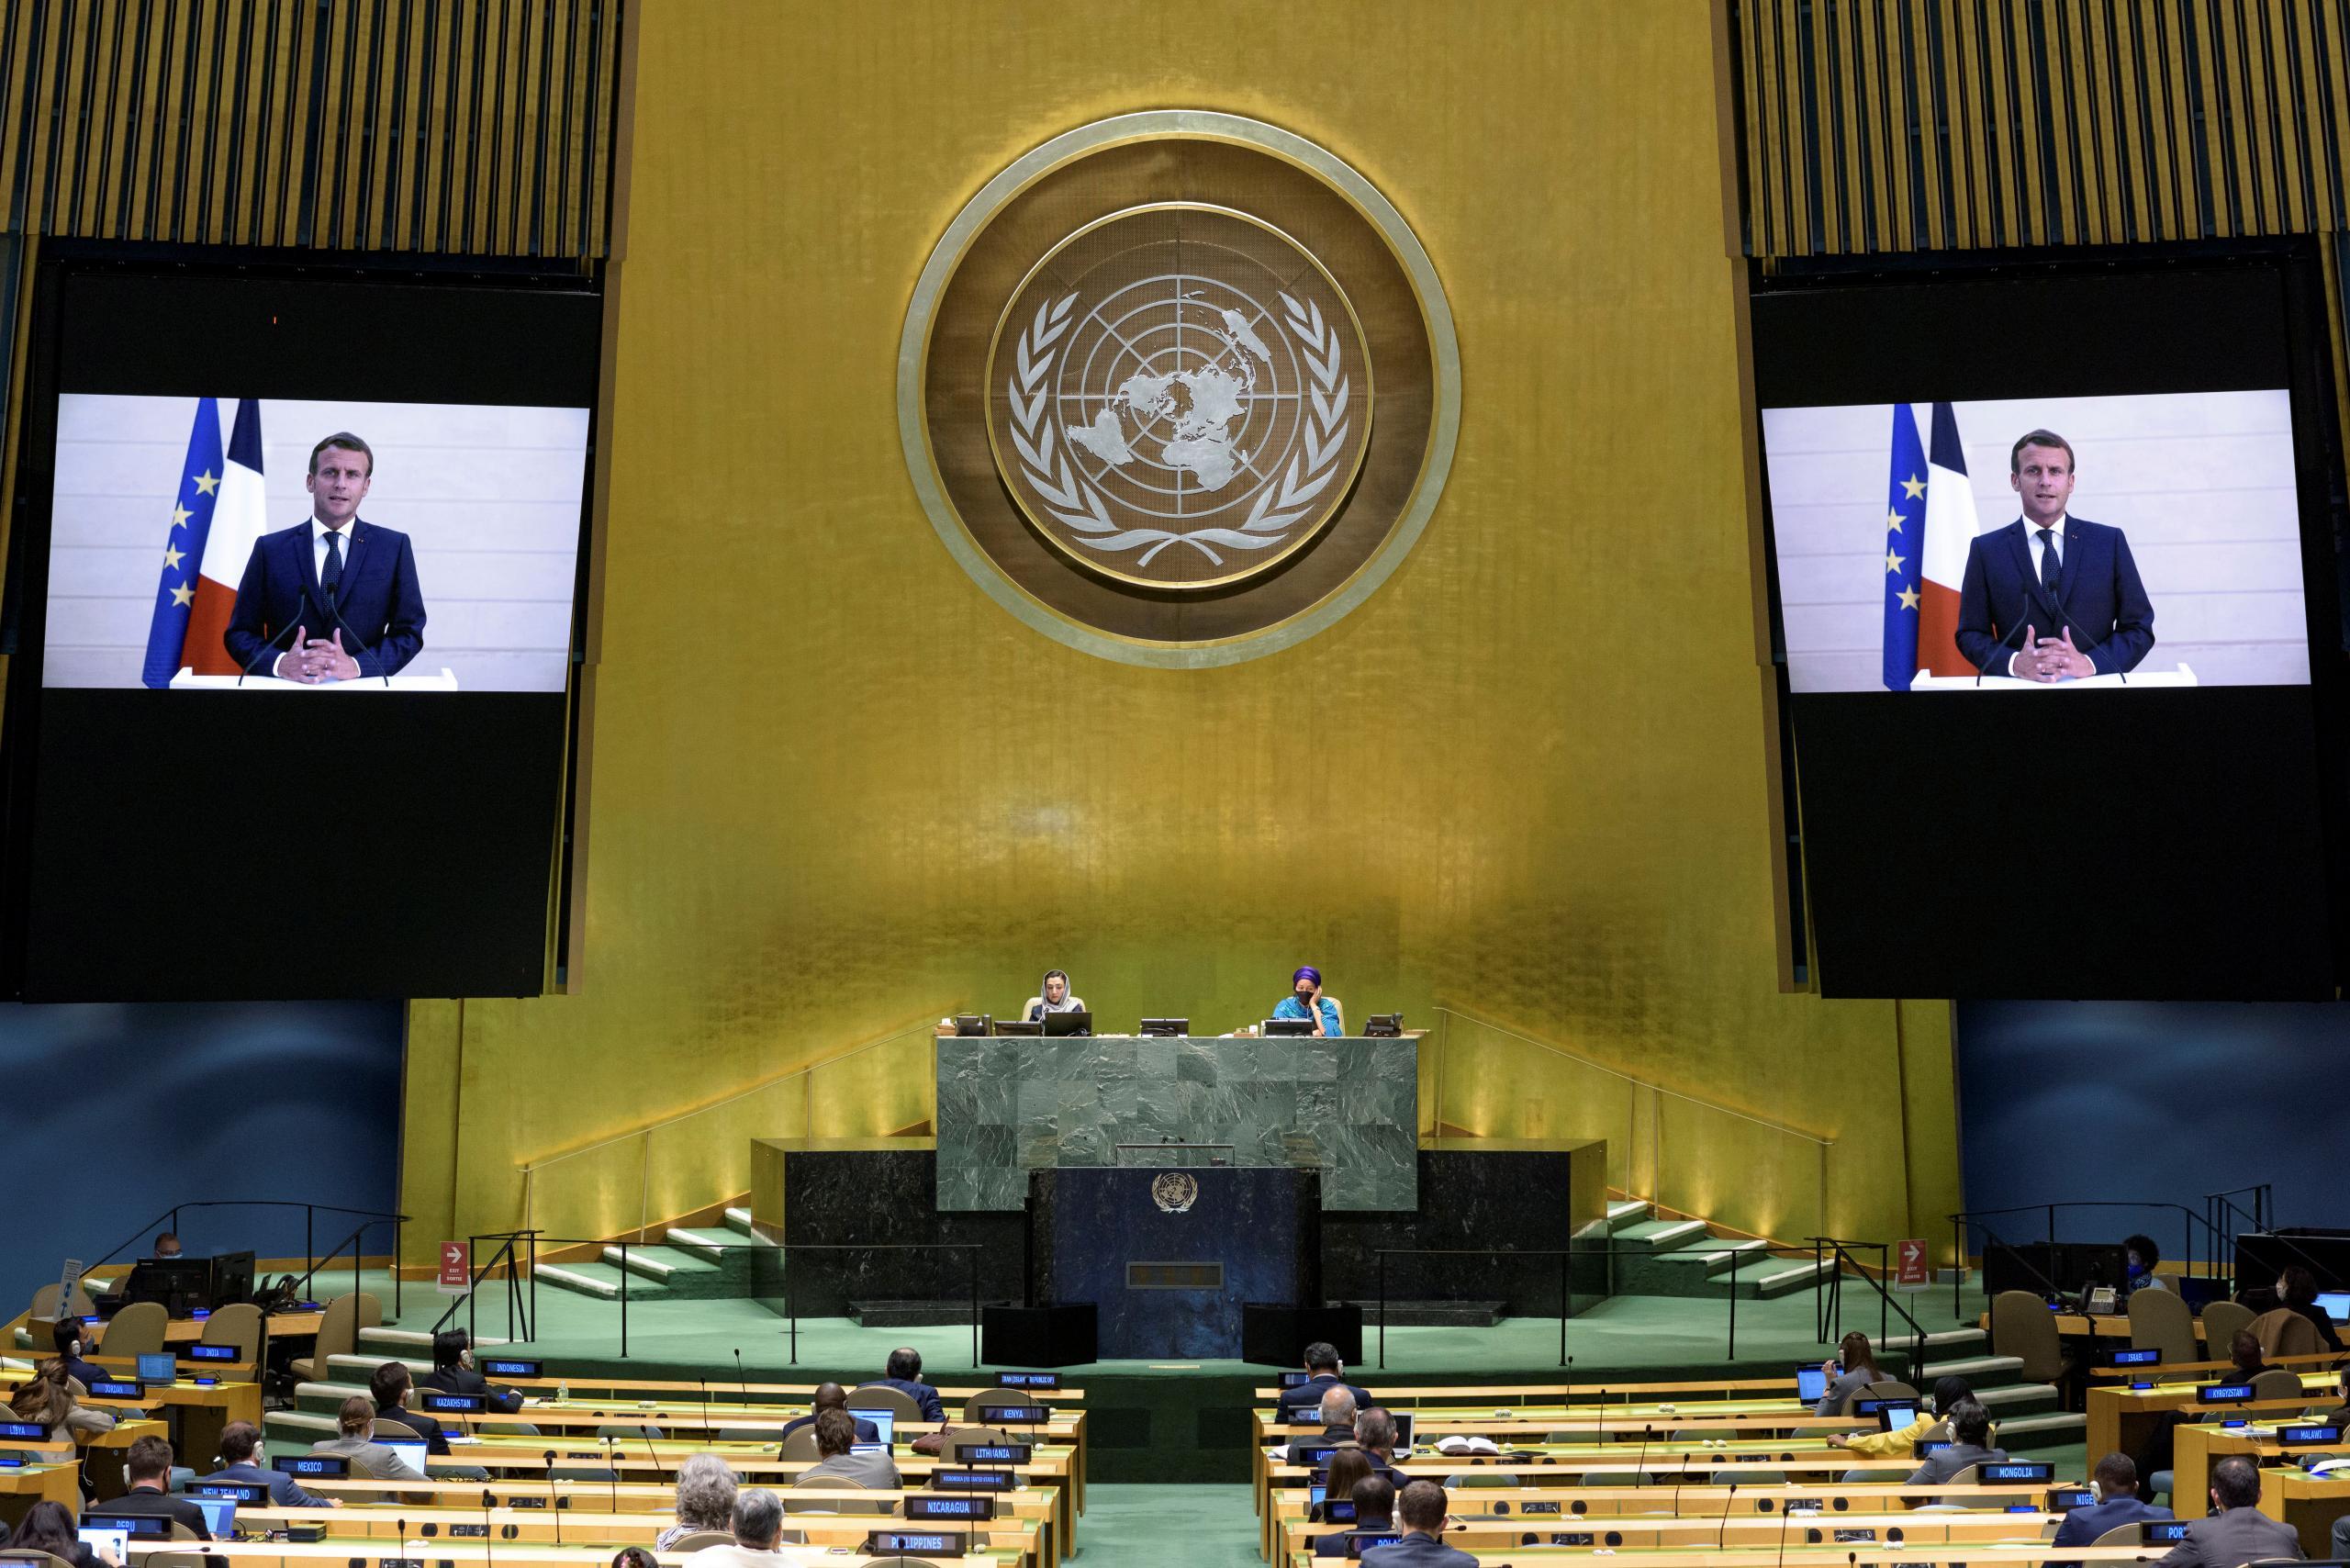 ماكرون عبر كلمته للجمعية العامة للامم المتحدة يطالب انقلابيي مالي بتسليم السلطة للمدنيين